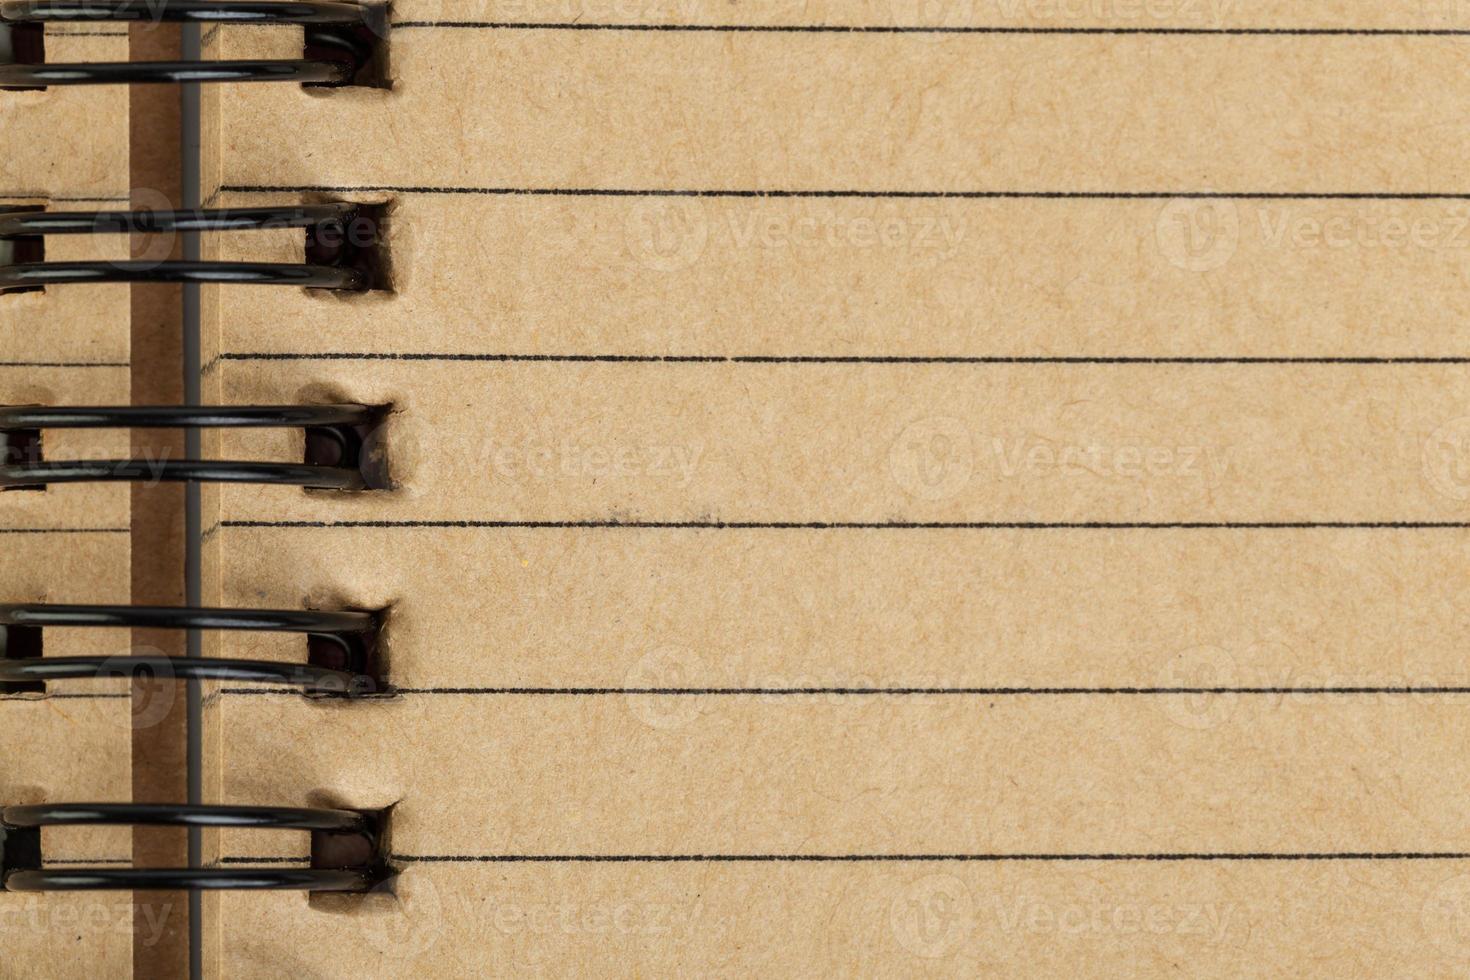 notebook blad gemaakt van recycle papier als achtergrond foto